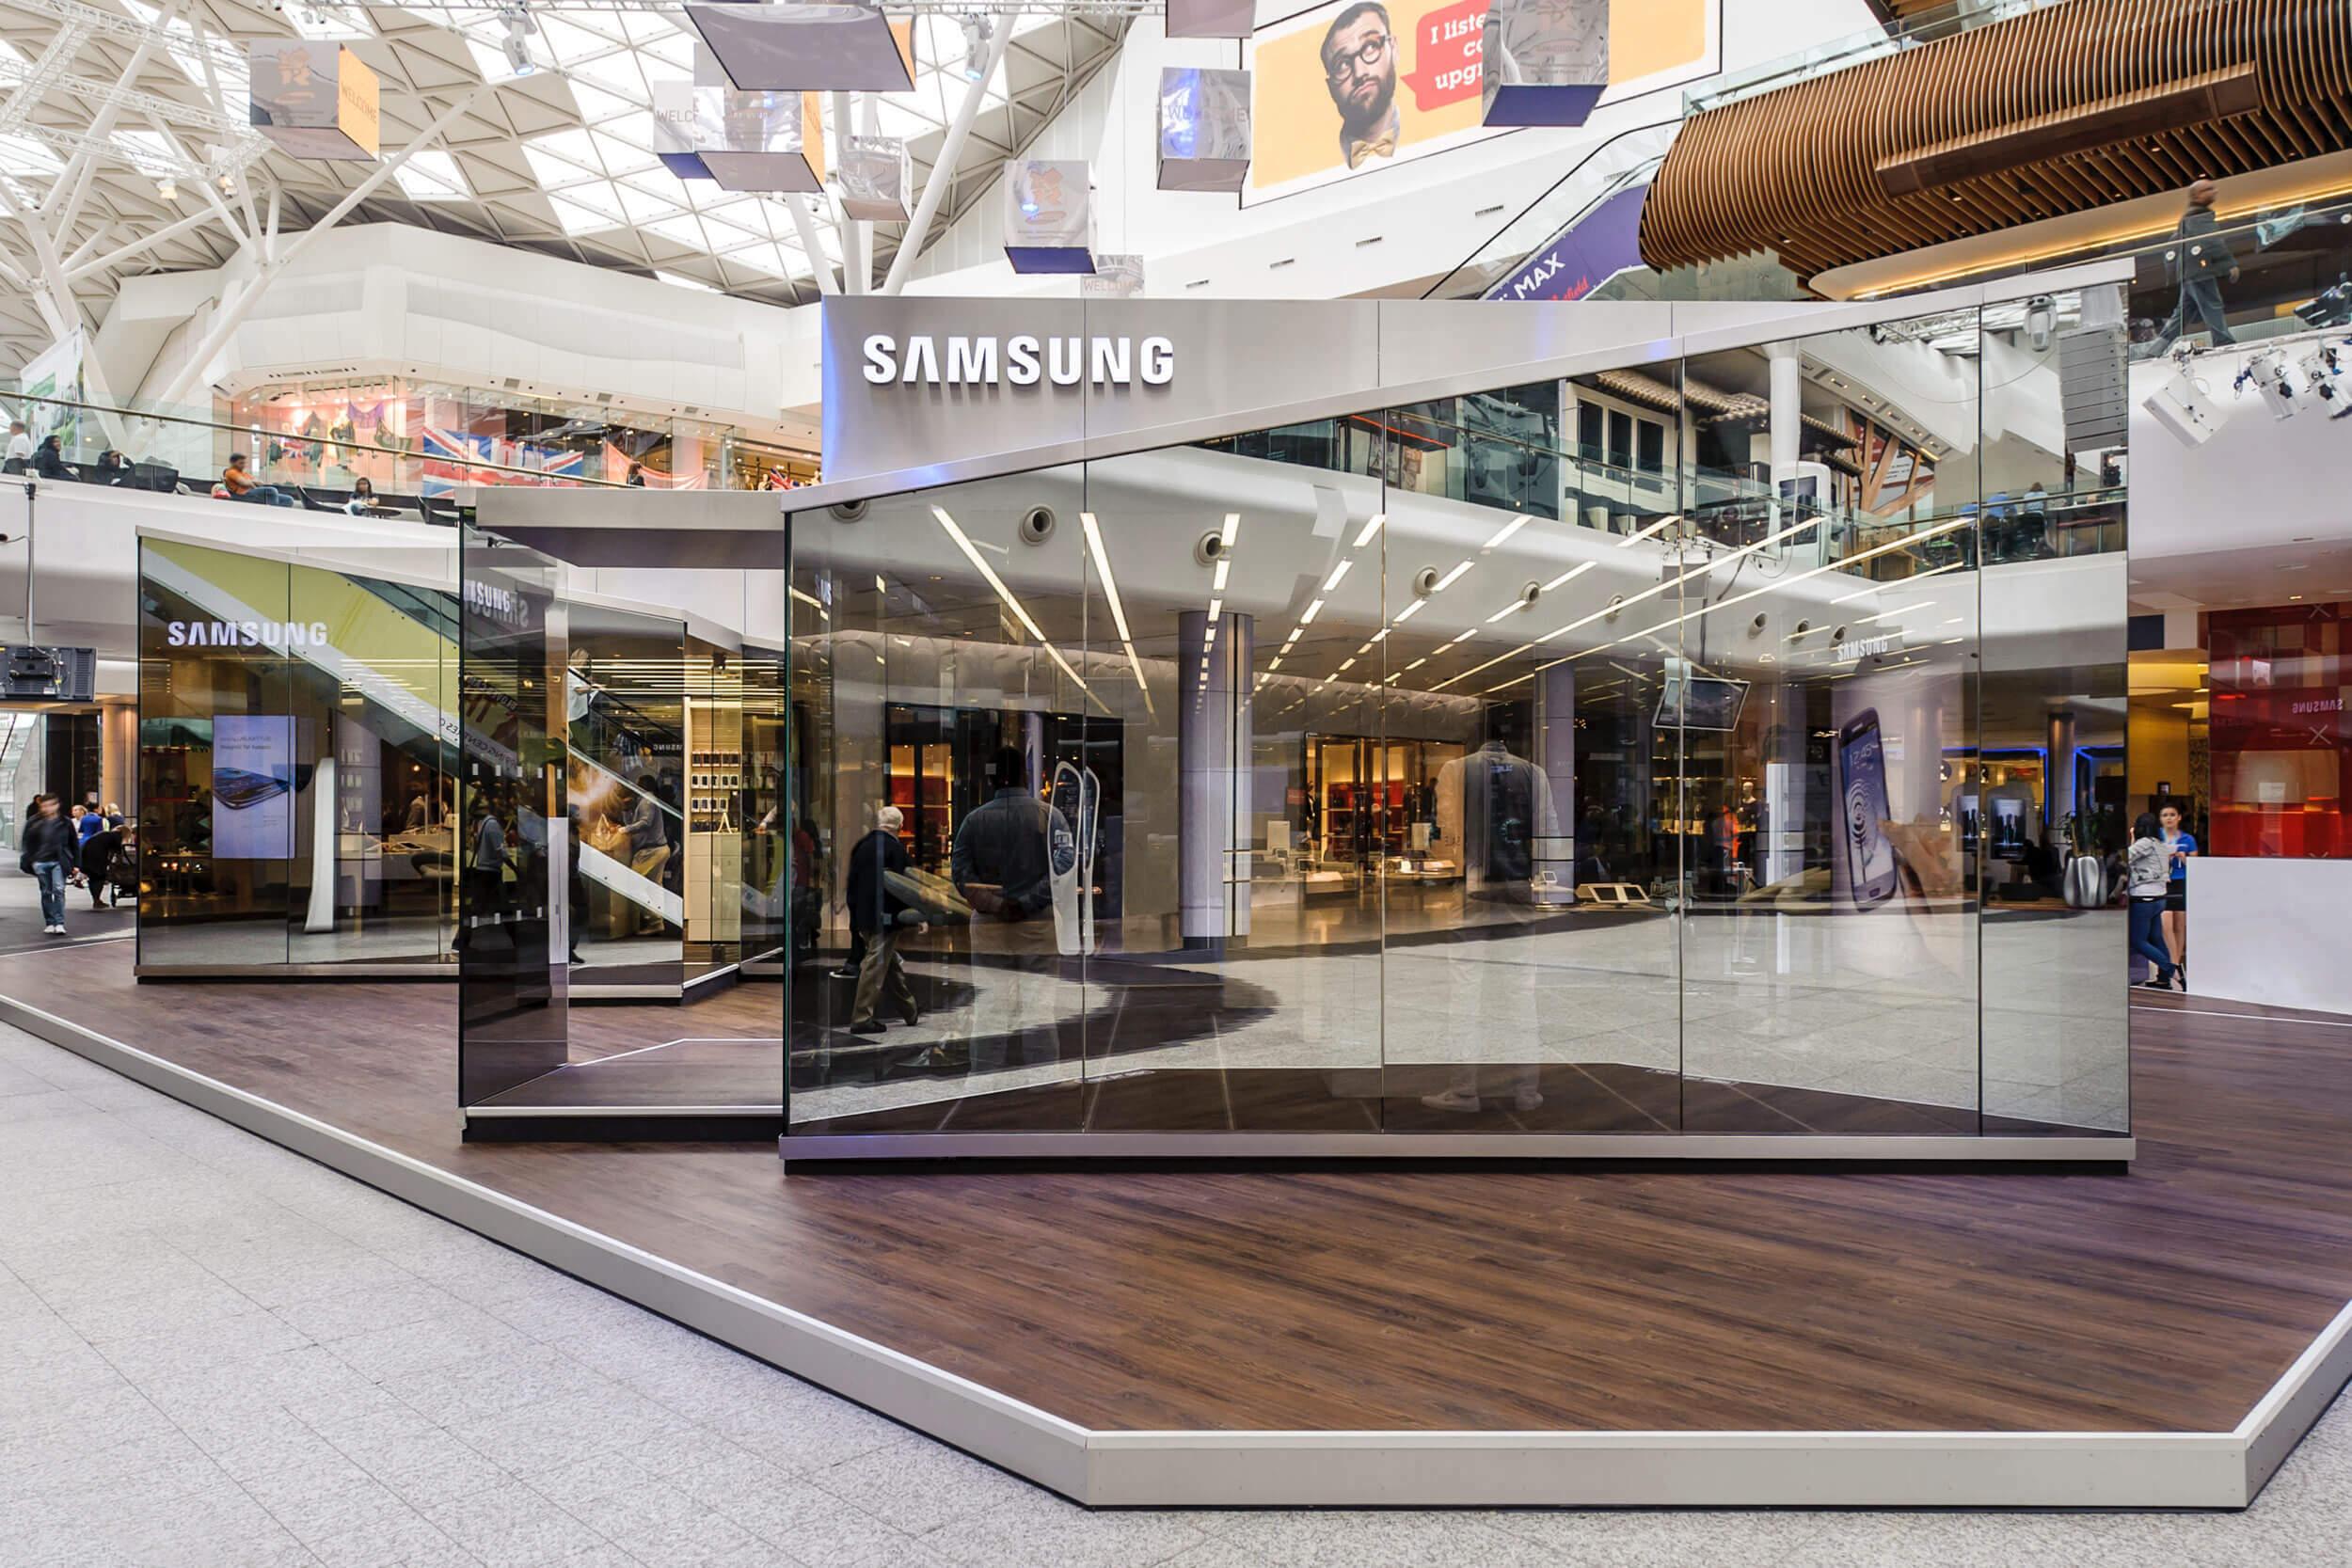 Gläserne Kabinen auf dem Samsung Olympic Park Gelände